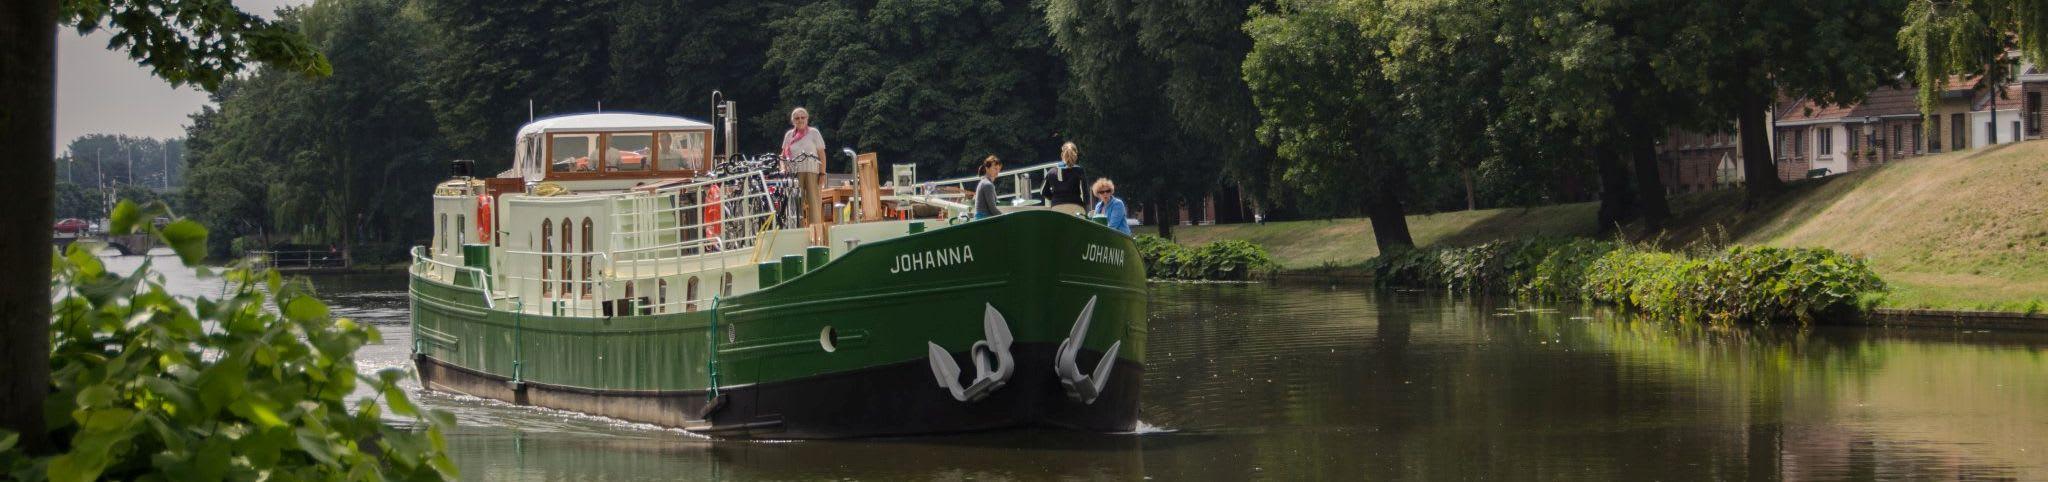 Barge Johanna 2013